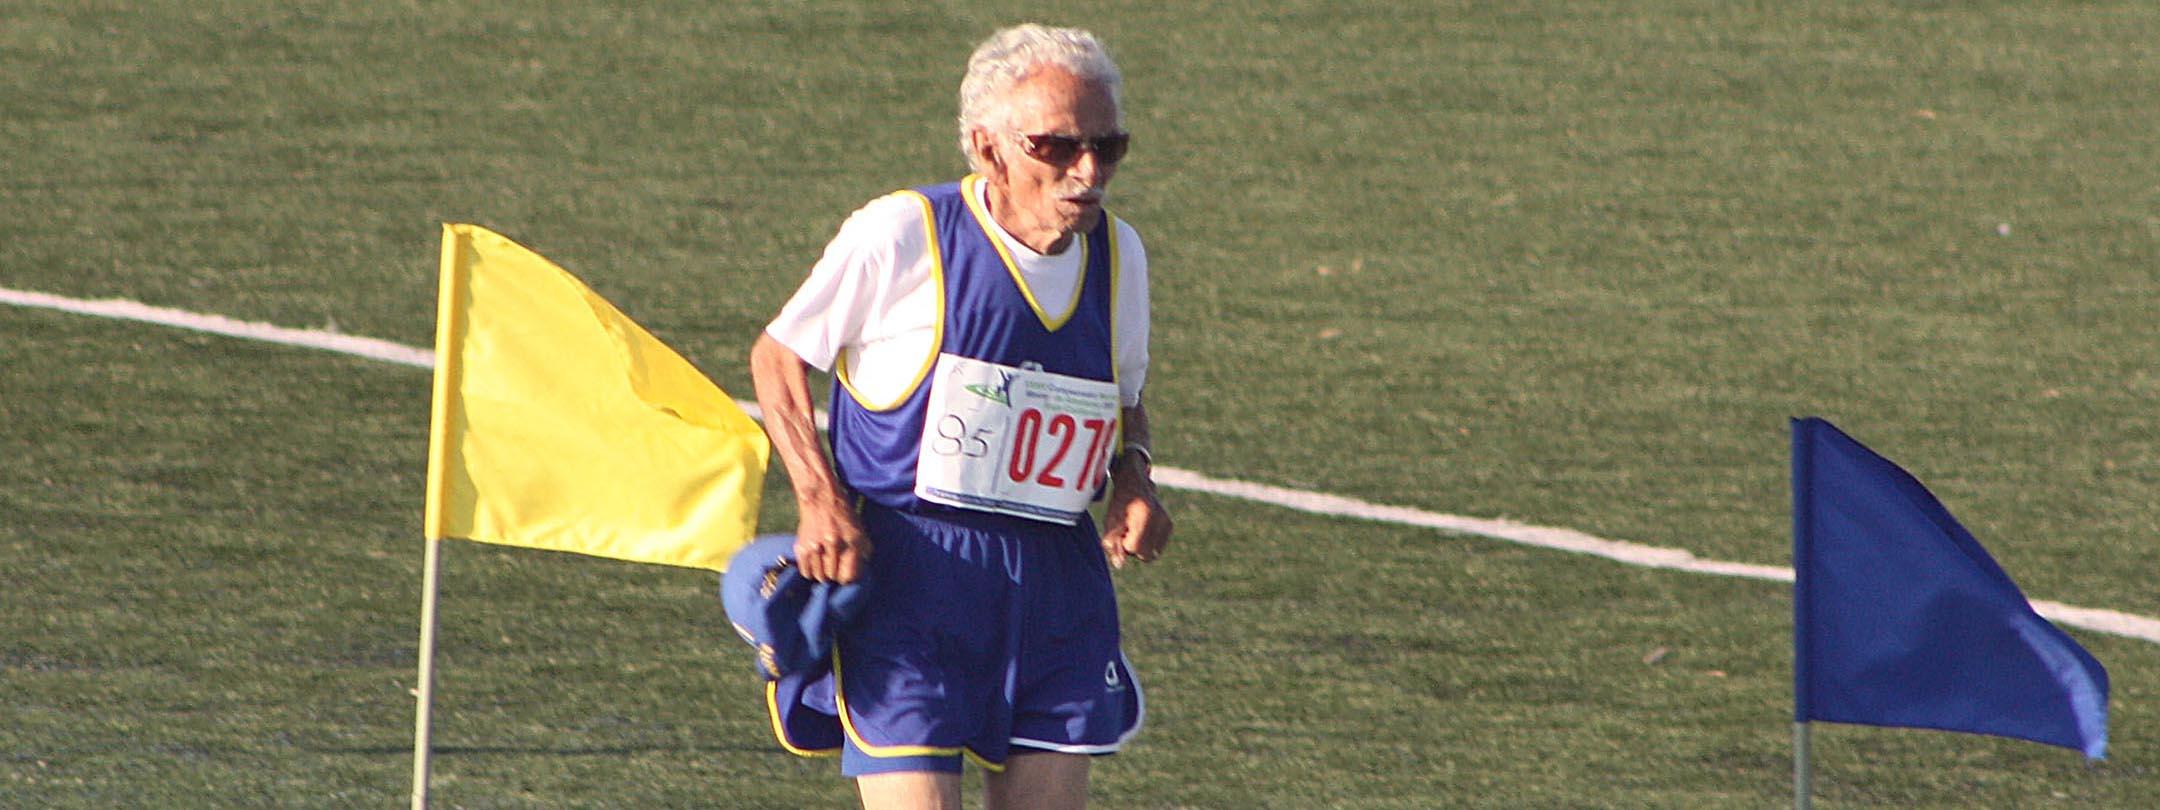 ¿Se puede hacer deporte a partir de los 80 años?